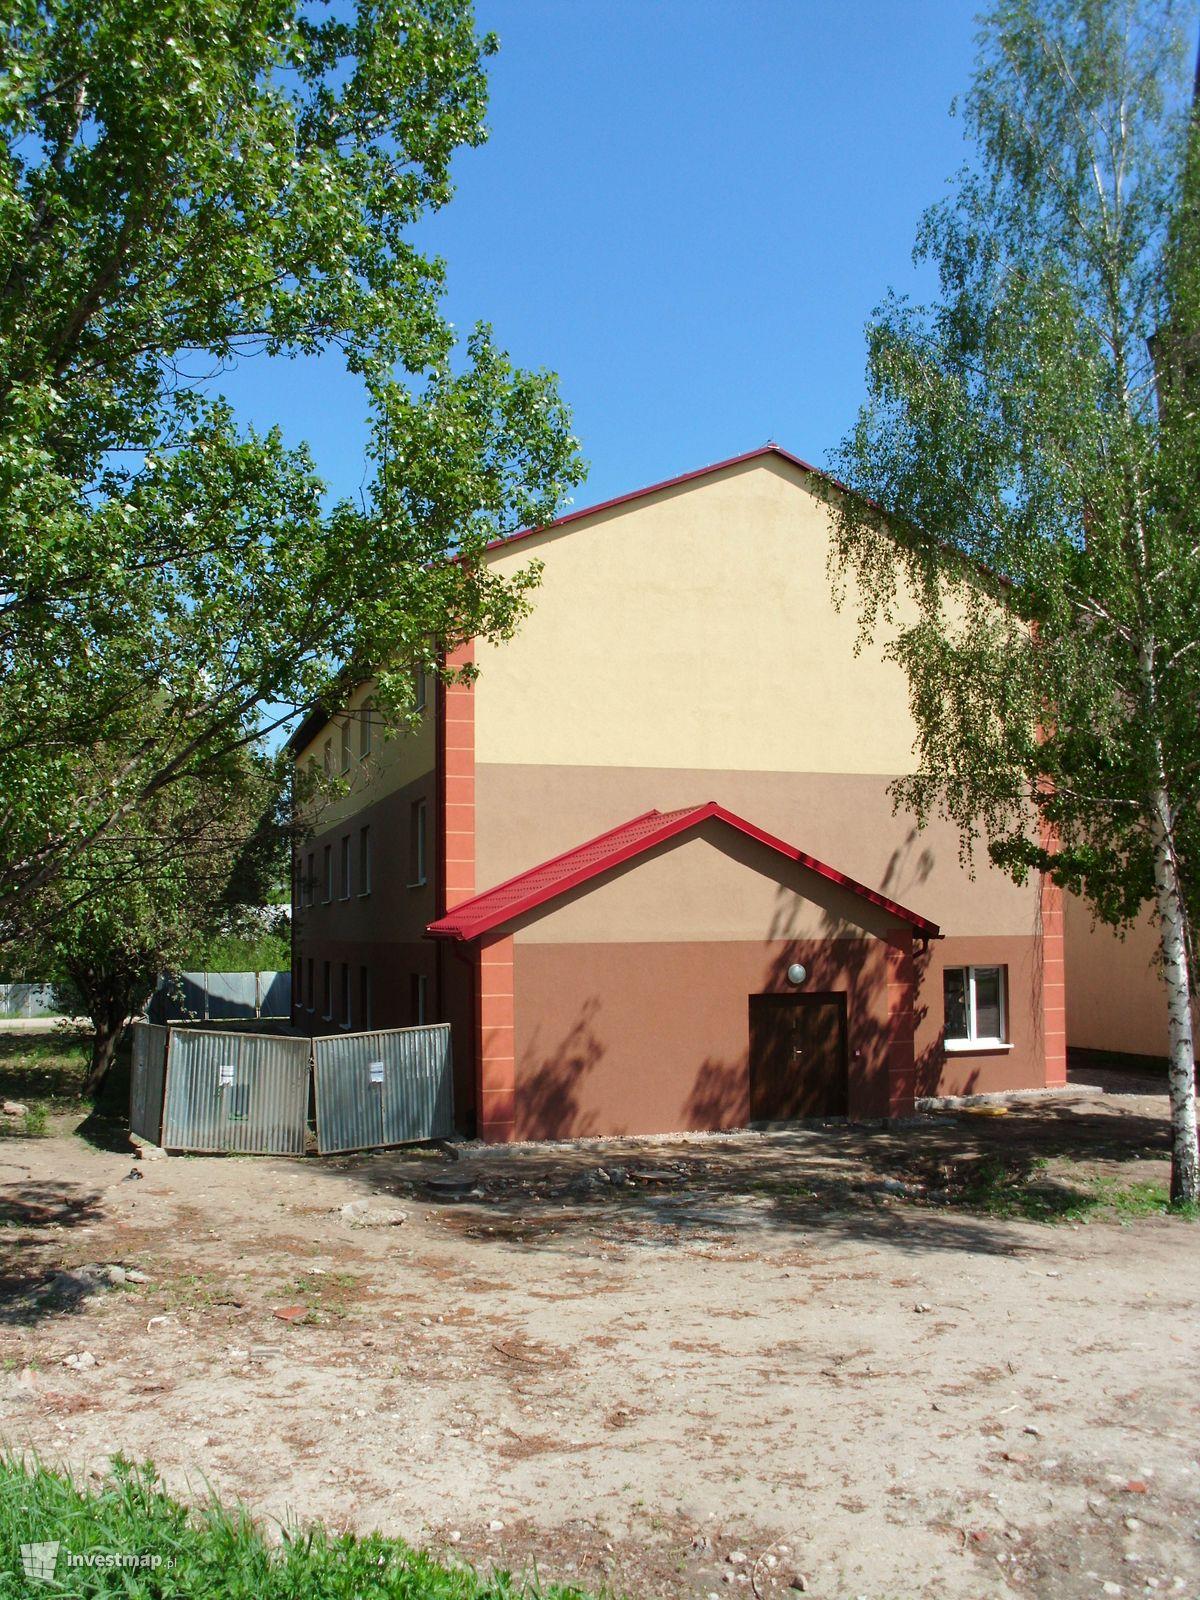 Zdjęcie Rozbudowa parafii św. Maksymiliana Marii Kolbego fot. worldinmyeyes